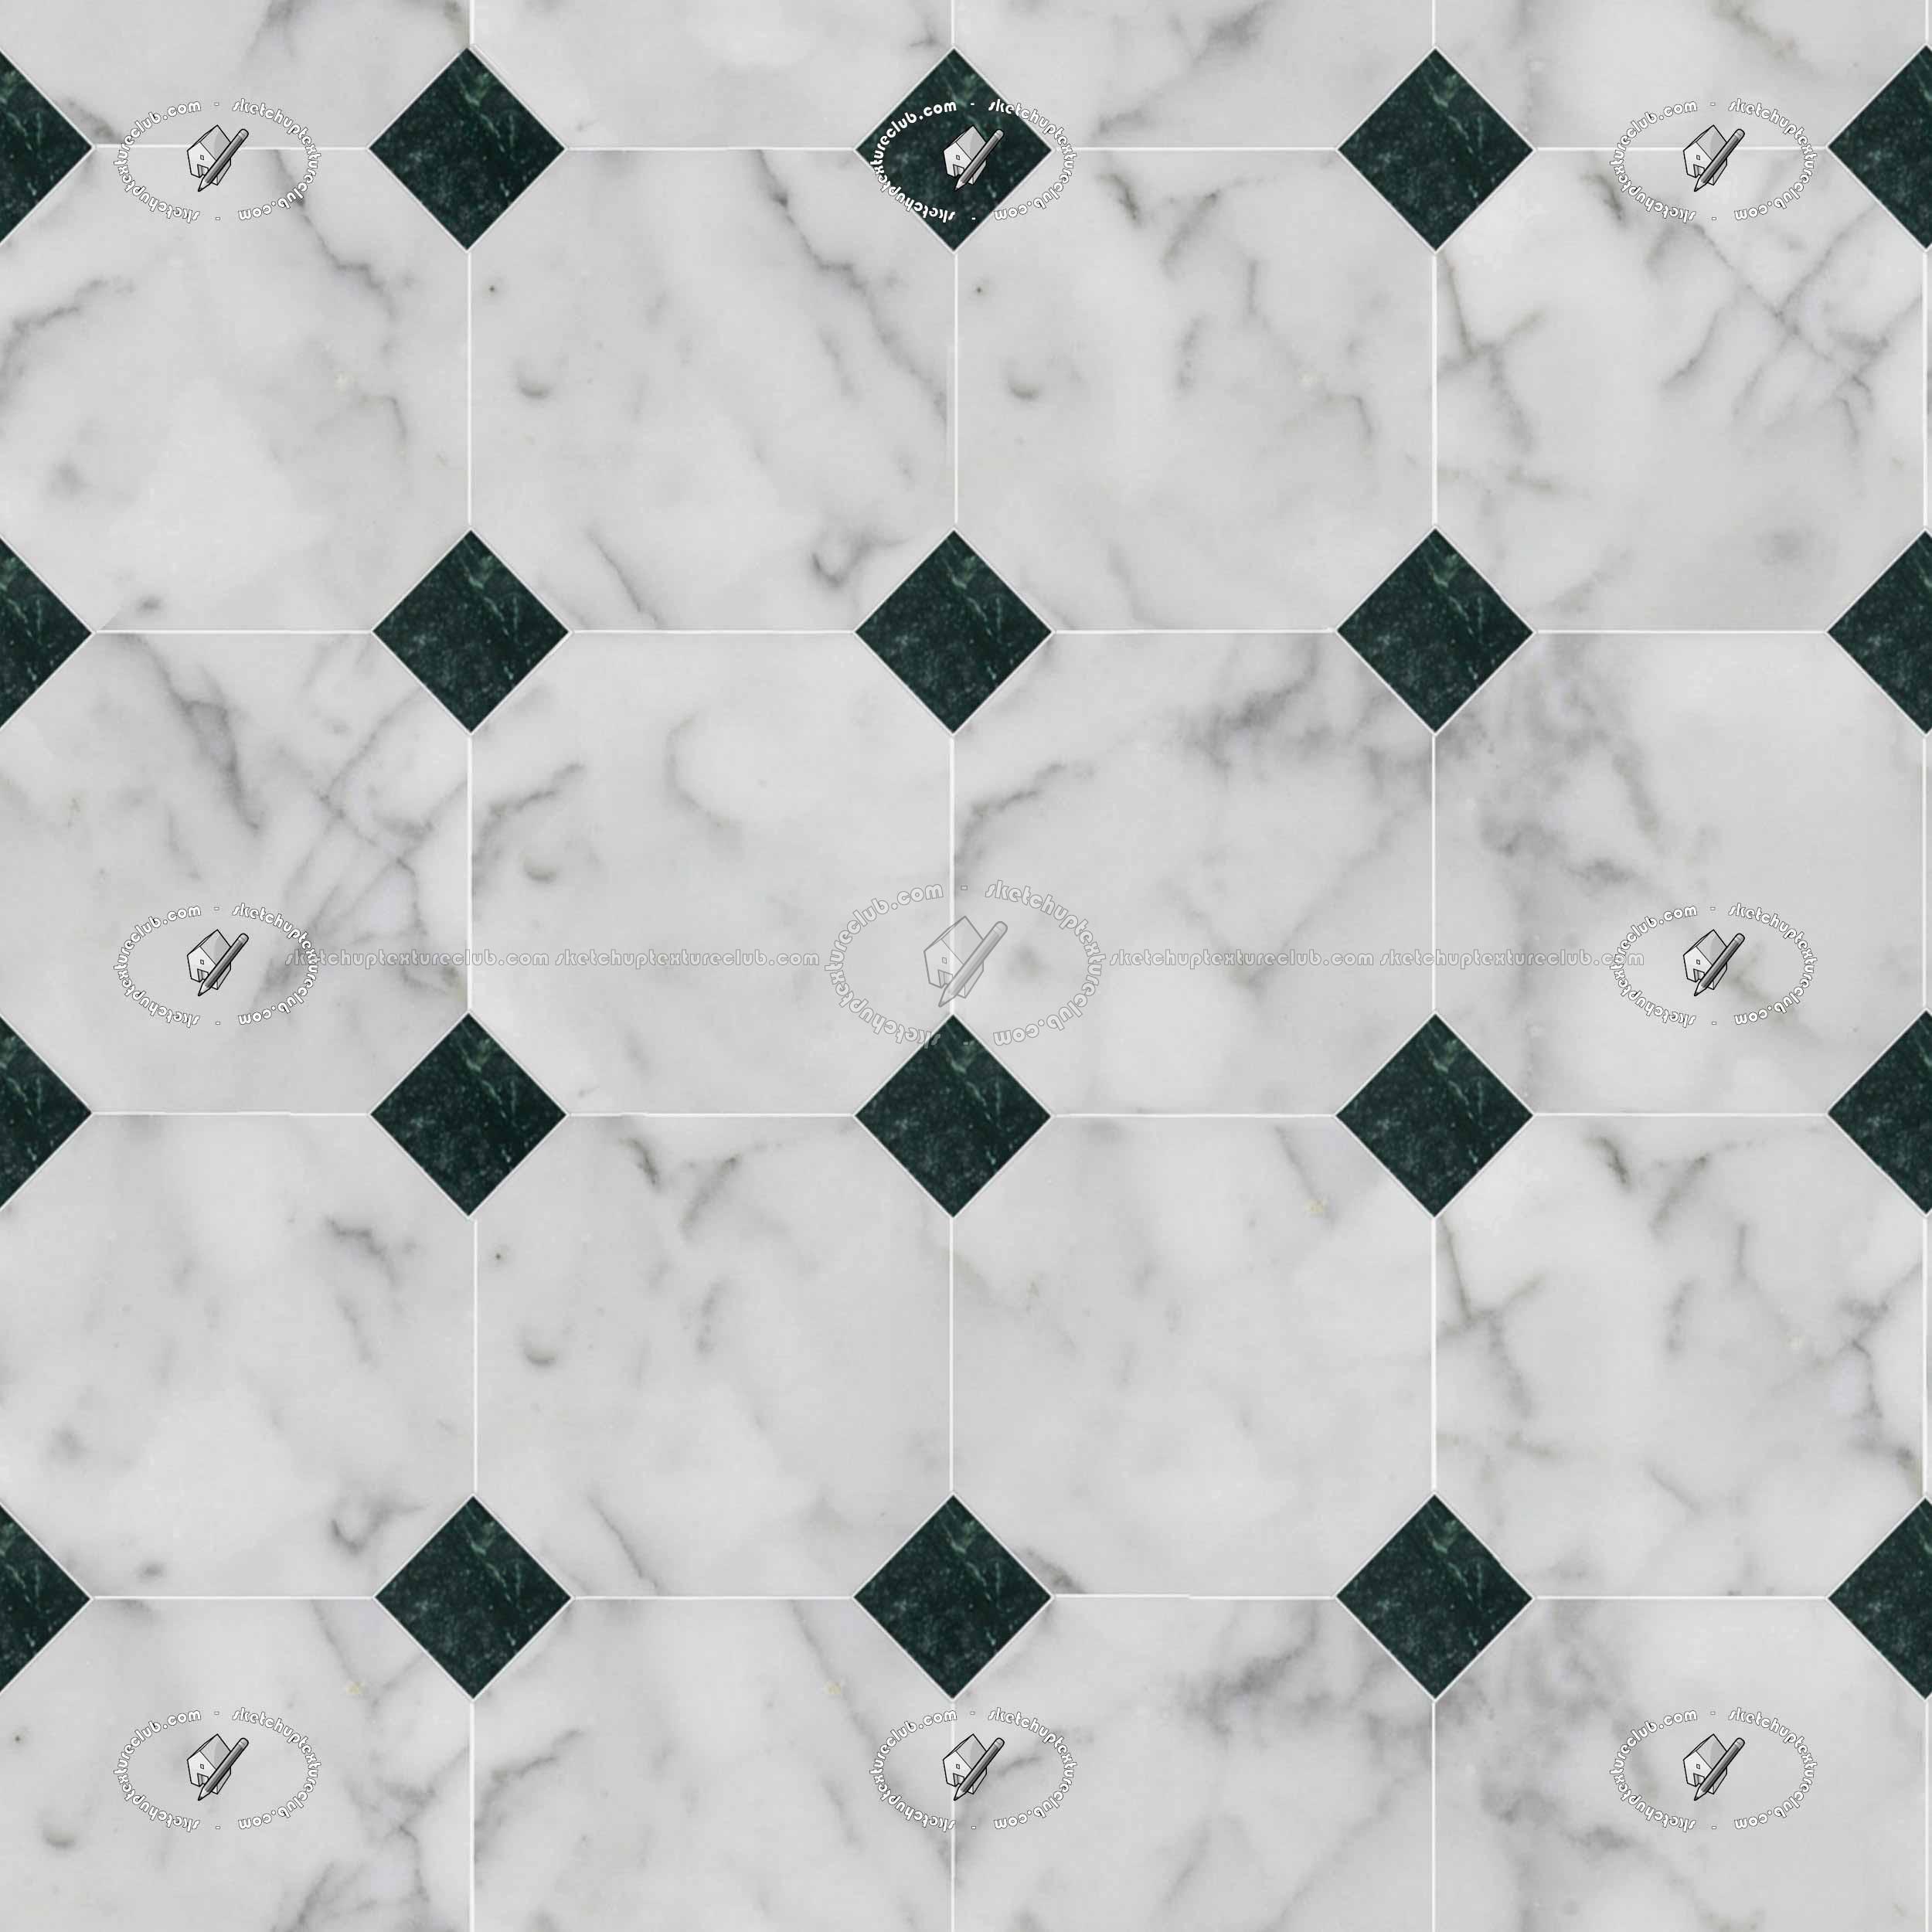 Piso De Marmol Textura - Tokentalks top